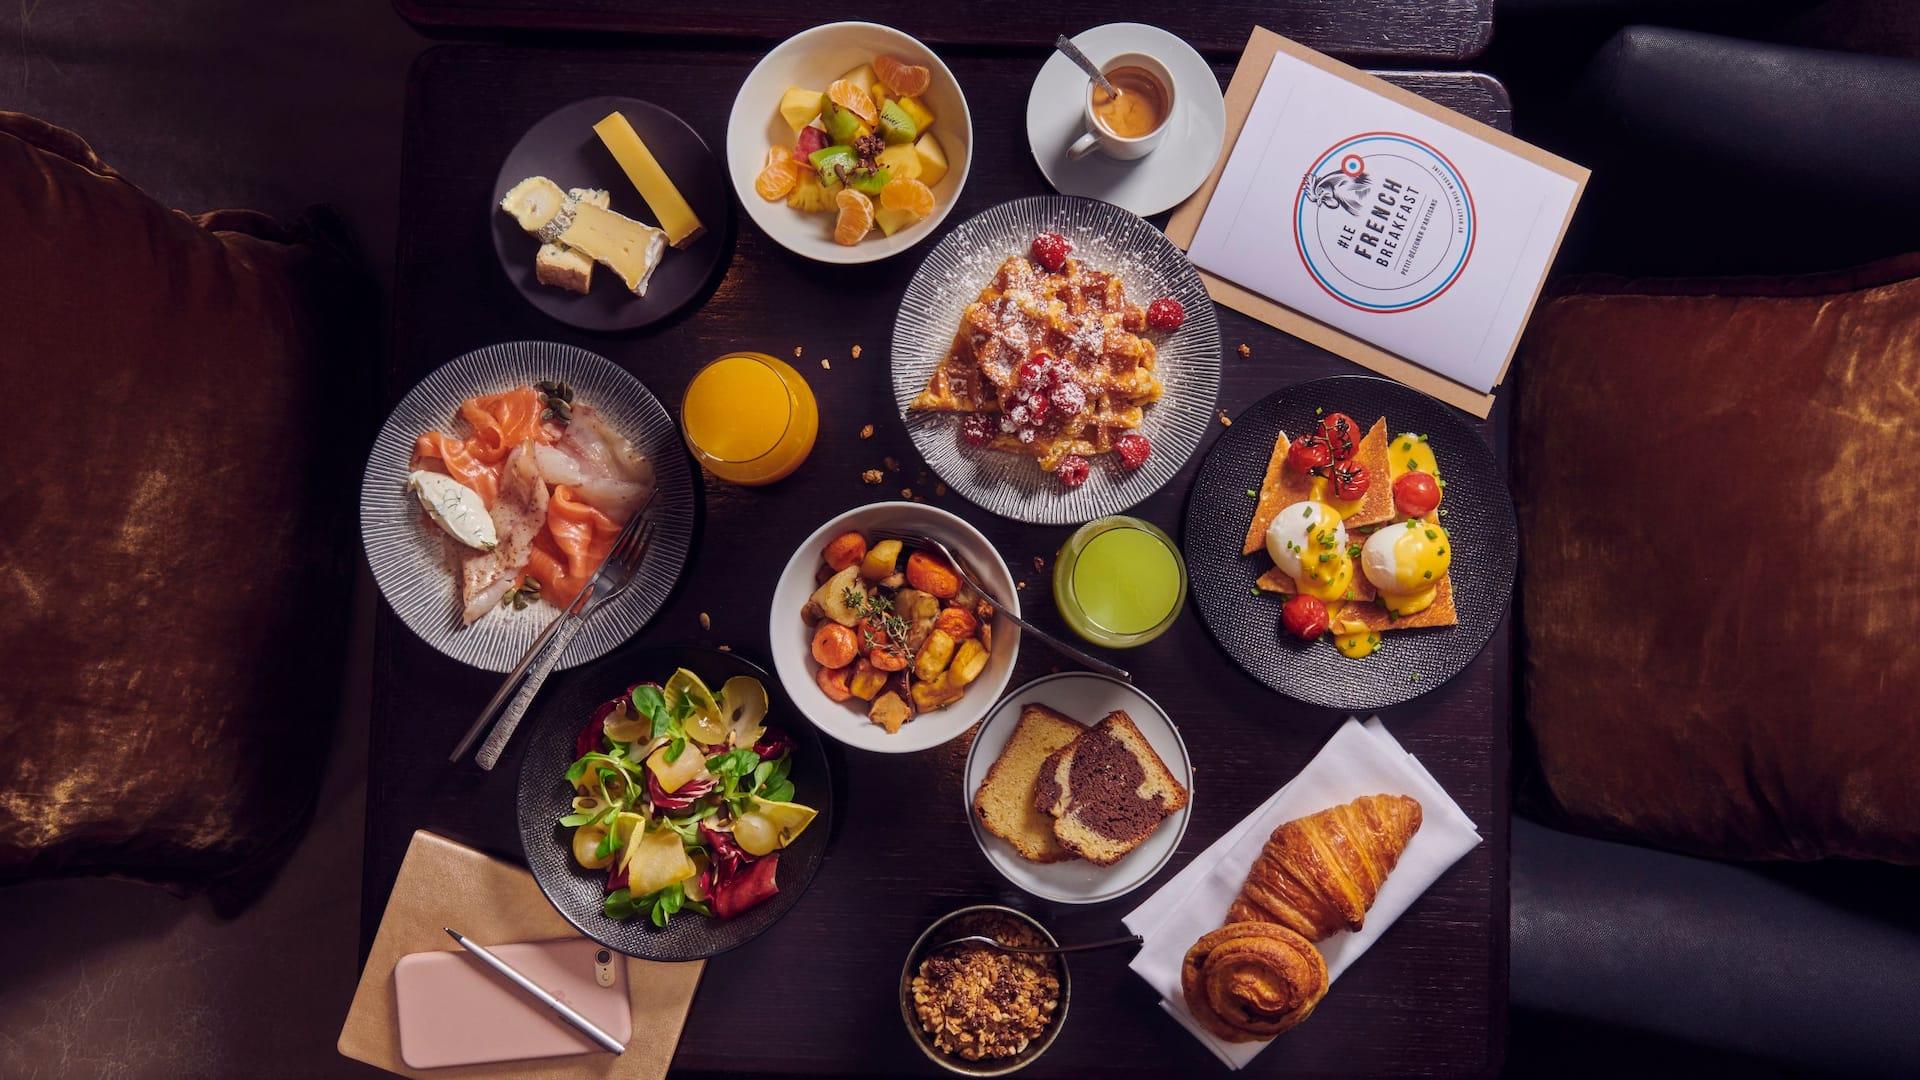 Le French Breakfast - Café M at Hotel Hyatt Paris Madeleine